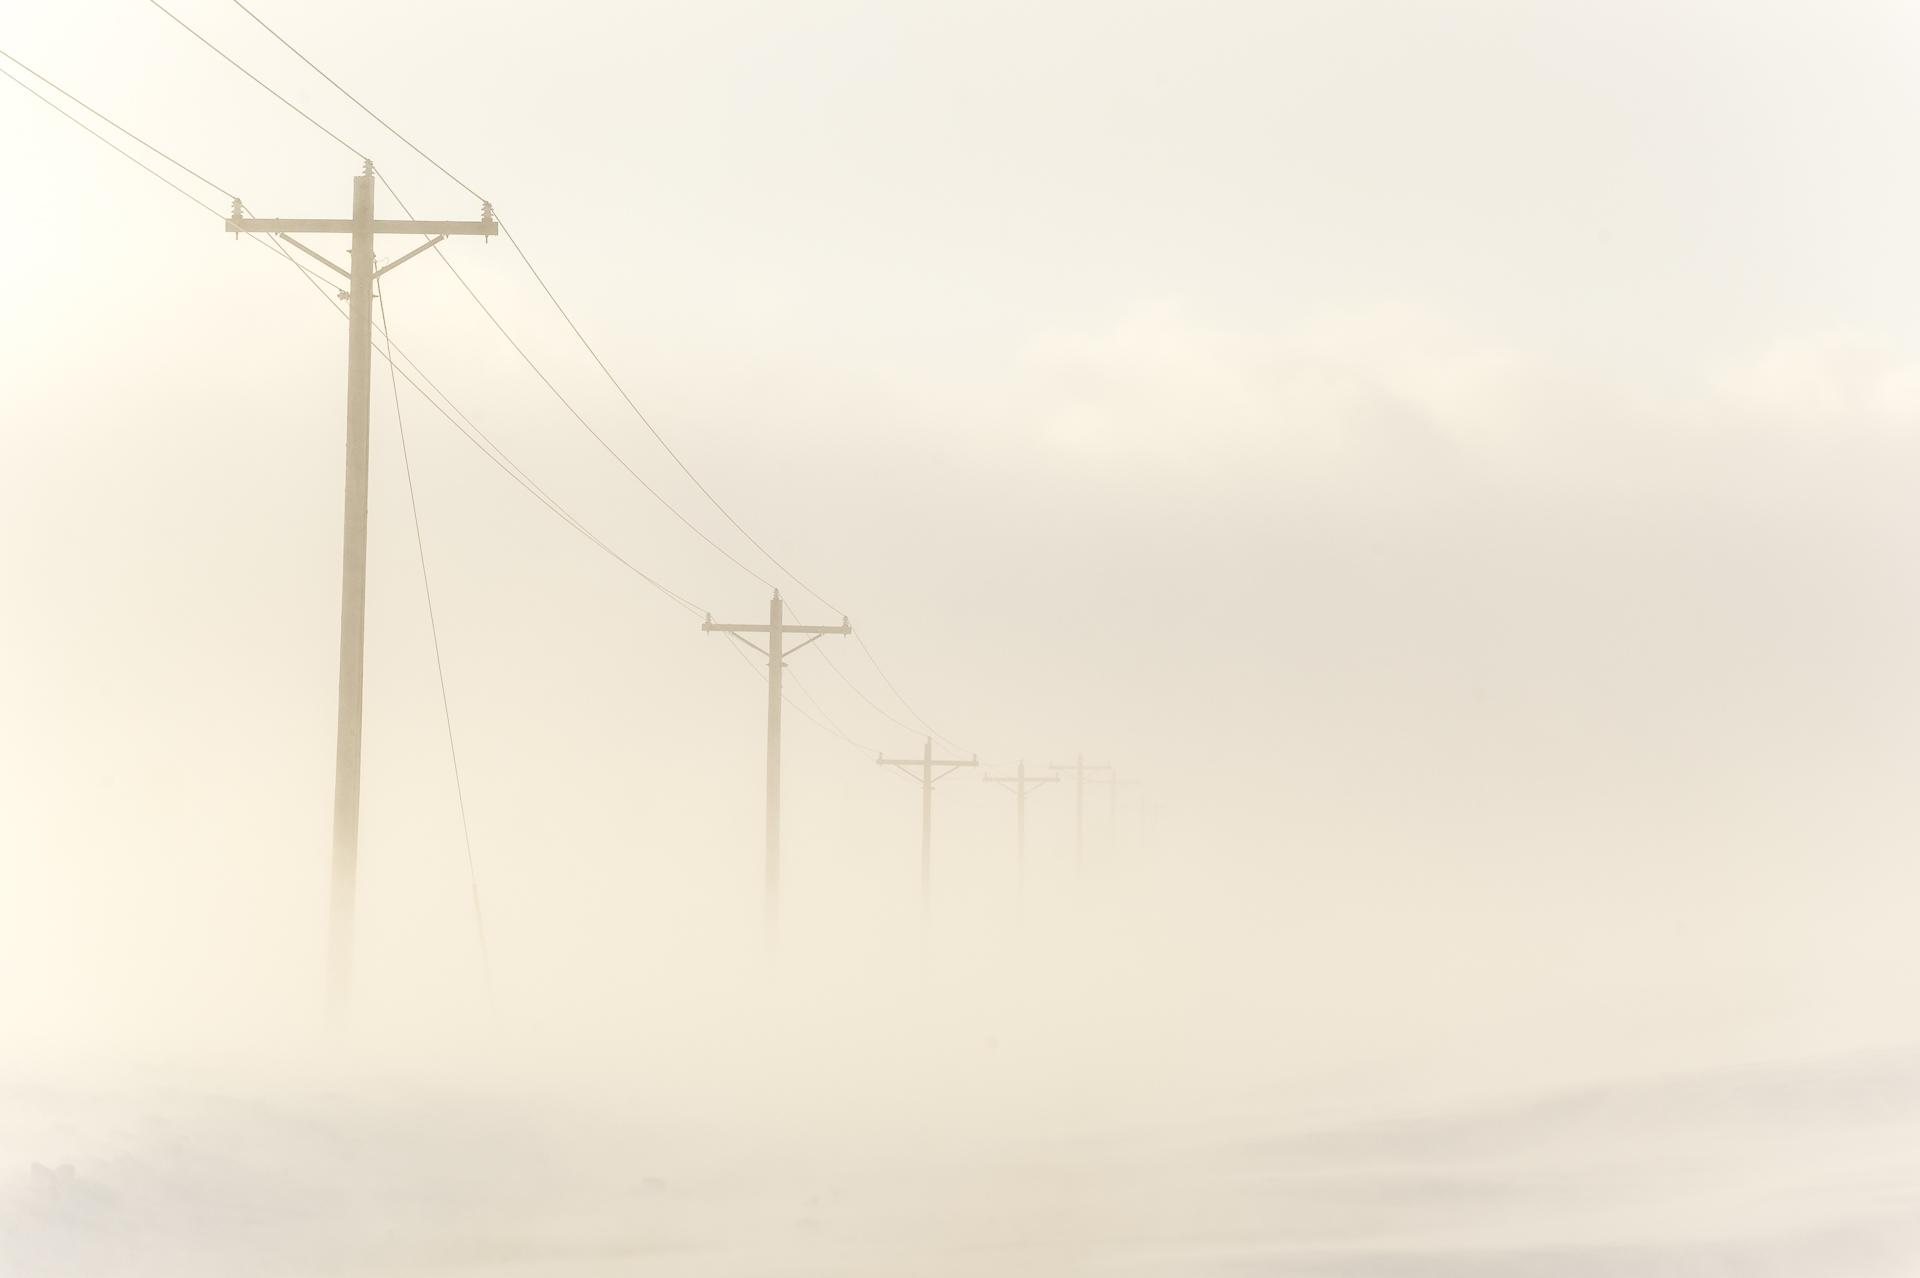 Whiteout! Dakota County, January 26, 2014.